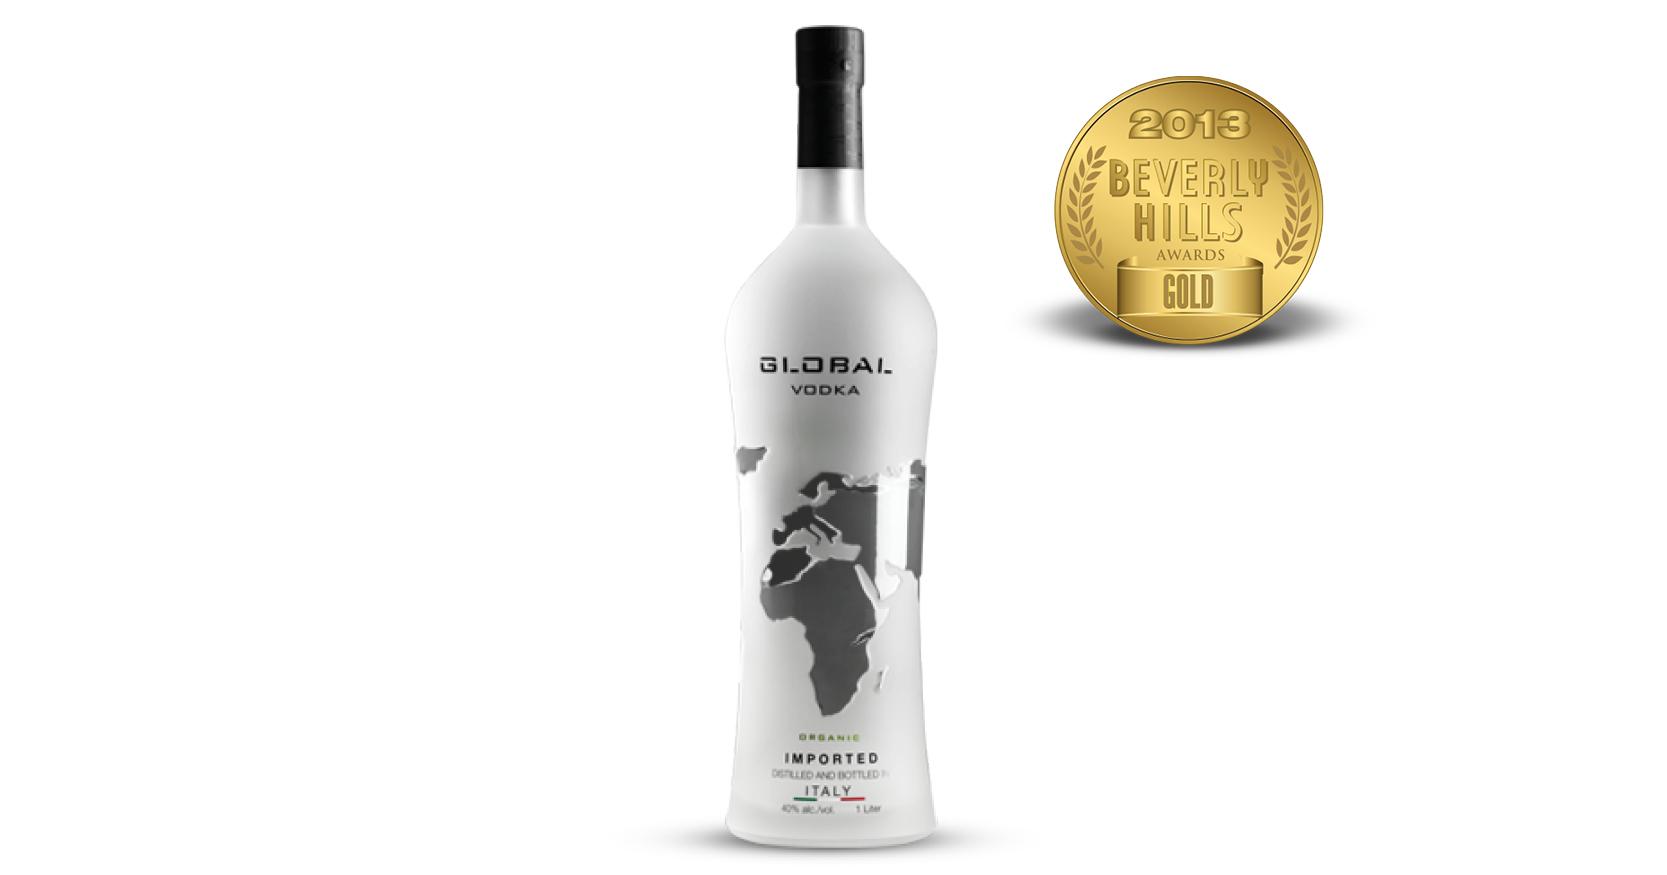 Global Vodka